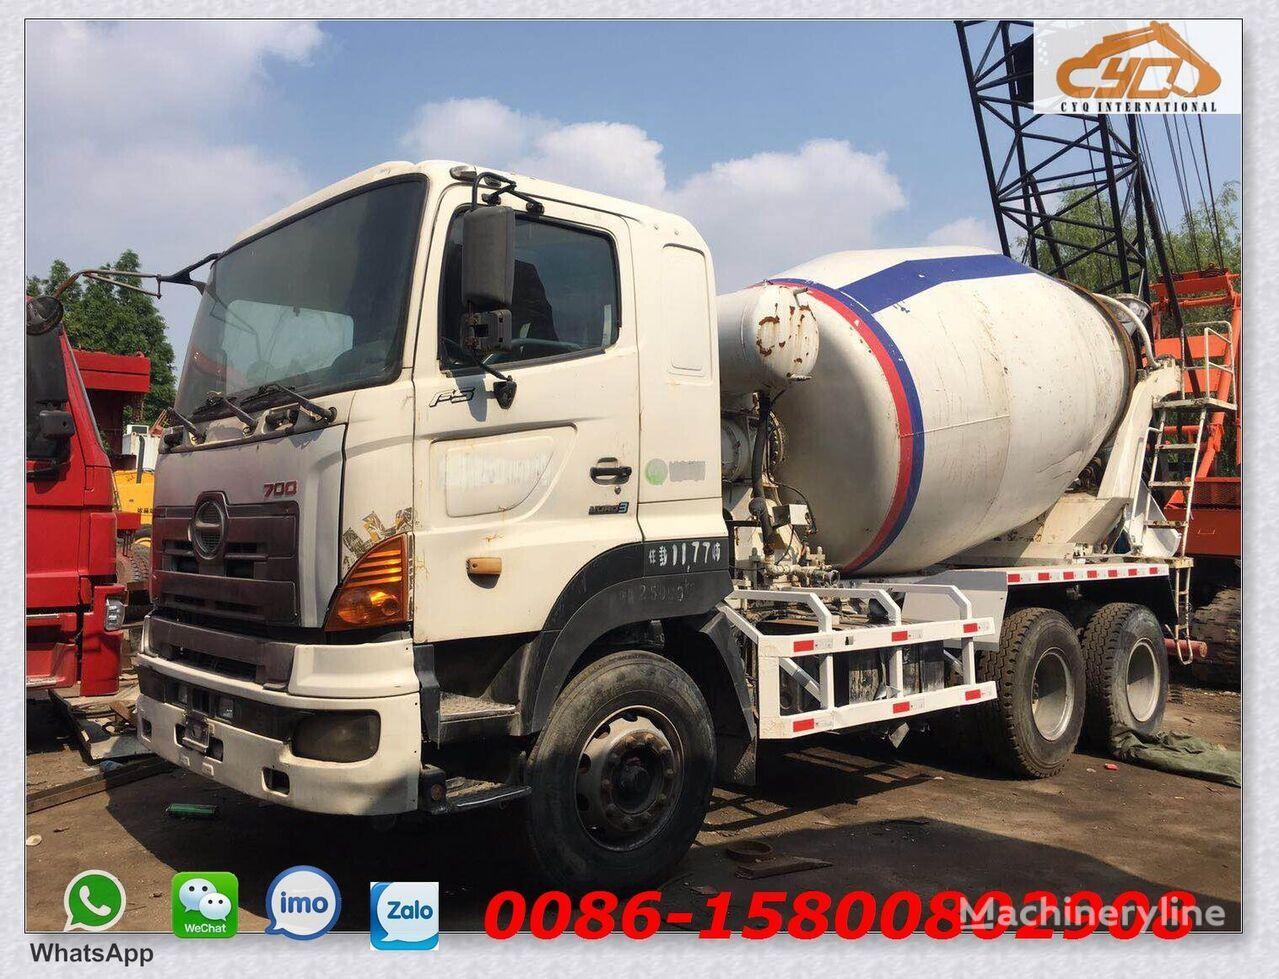 HINO 700 concrete mixer truck